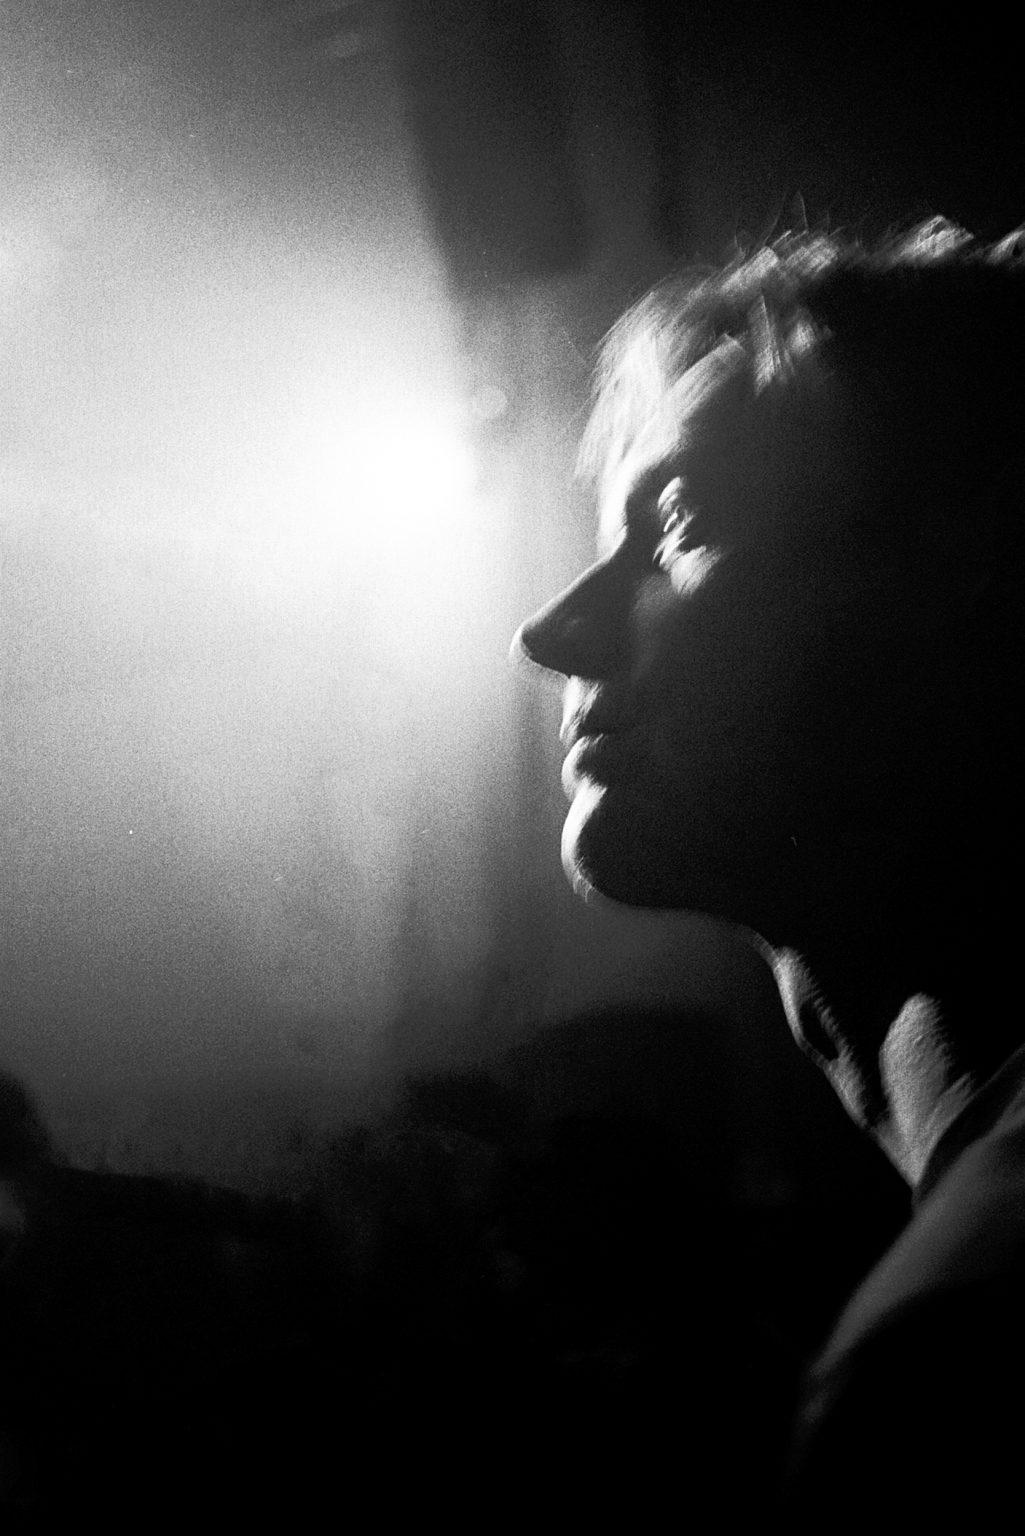 Berlin , 2011- Berlin Diary is a research that documents the margins of society; an investigation into different worlds including relationships; the loneliness of the human being; alcoholism and abuse; lovers and their conflicts and finally the relationship between people and city. A young man at a venue in a Club. >< Berlino ,2011- Berlin Diary è una ricerca che documenta i margini della società; un'indagine in mondi diversi tra cui si esplorano relazioni; la solitudine dell'essere umano; L'alcolismo e gli abusi; gli amanti e i loro conflitti e infine; il rapporto tra persone e città.Un giovane a un concerto in un  Club.